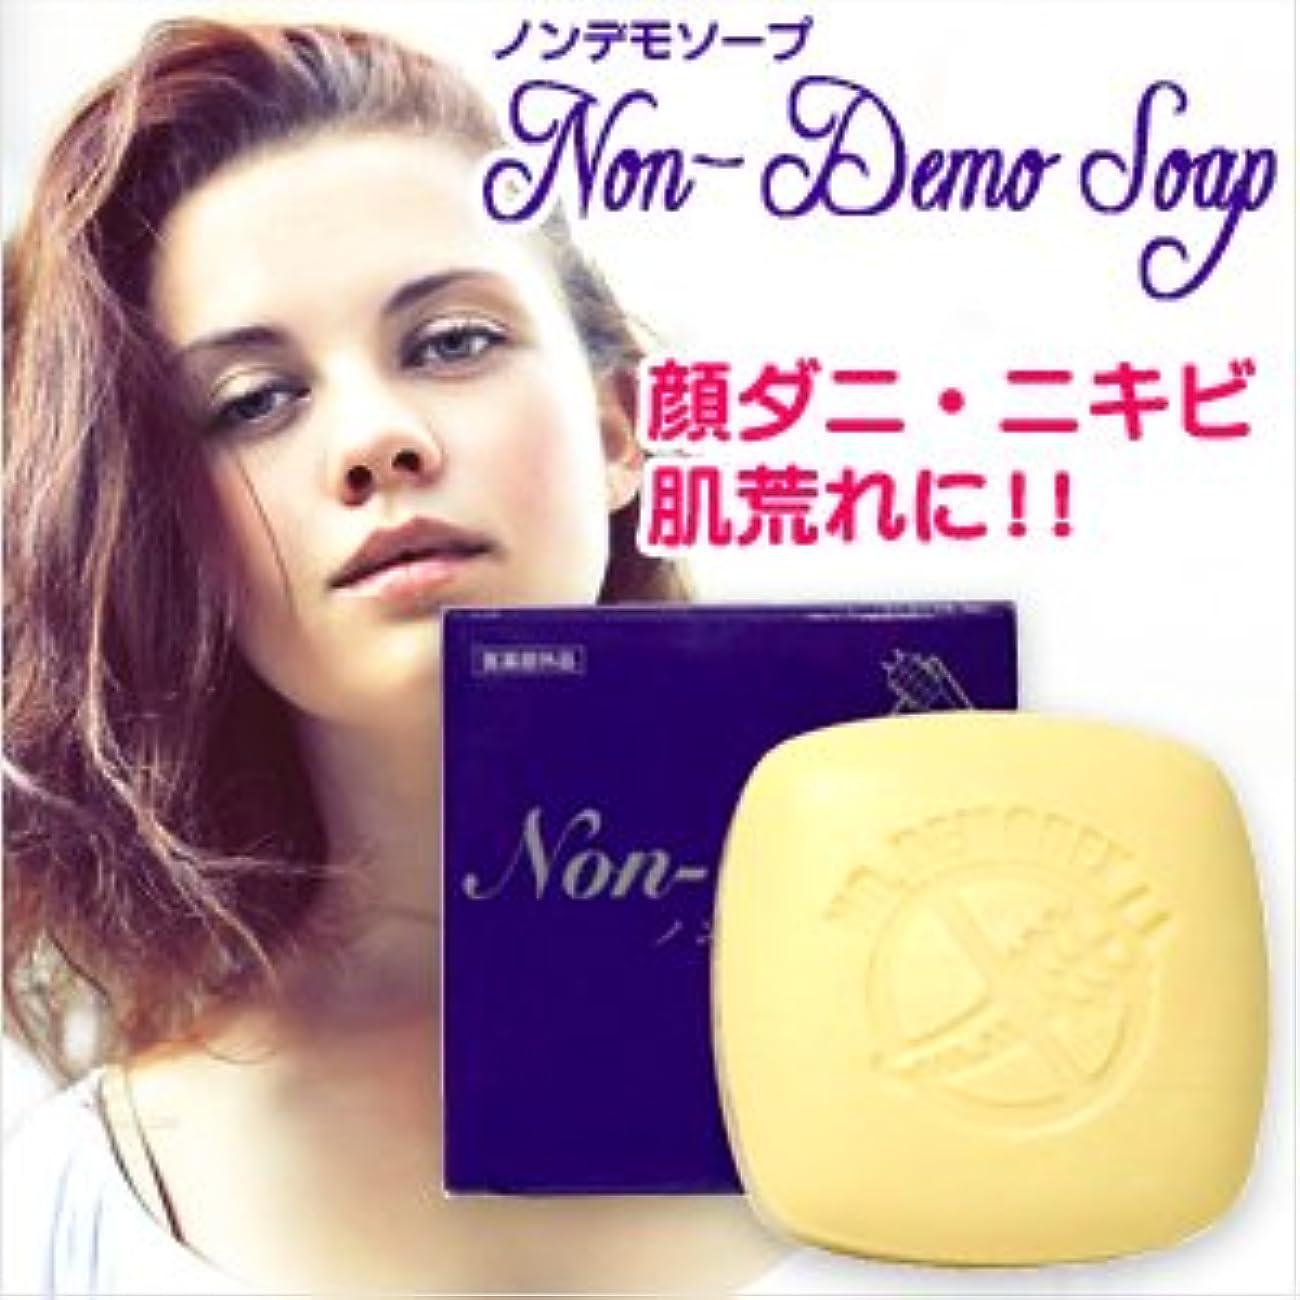 障害ウガンダクライアント(医薬部外品) 顔ダニ石鹸 ノンデモソープ (Non-Demo Soap) 130g